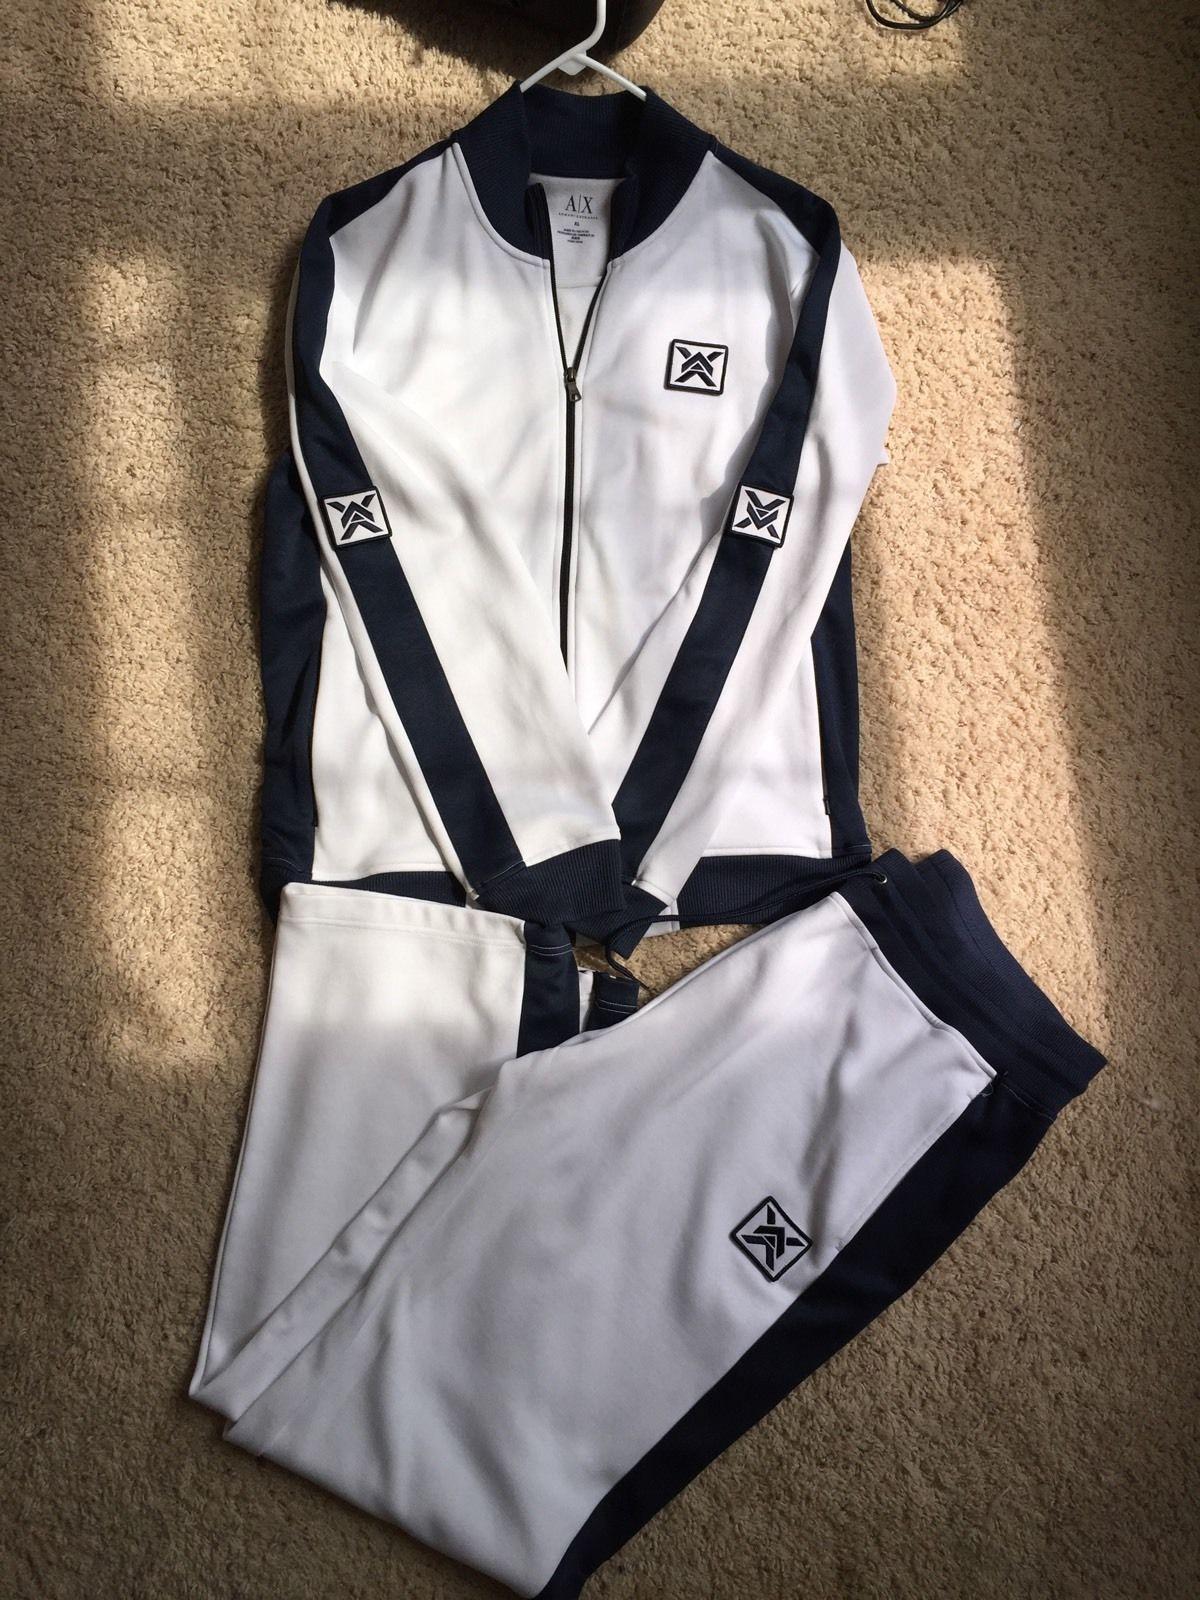 979c23e55d7c Mens Armani Exchange Sweatsuit Track Suit